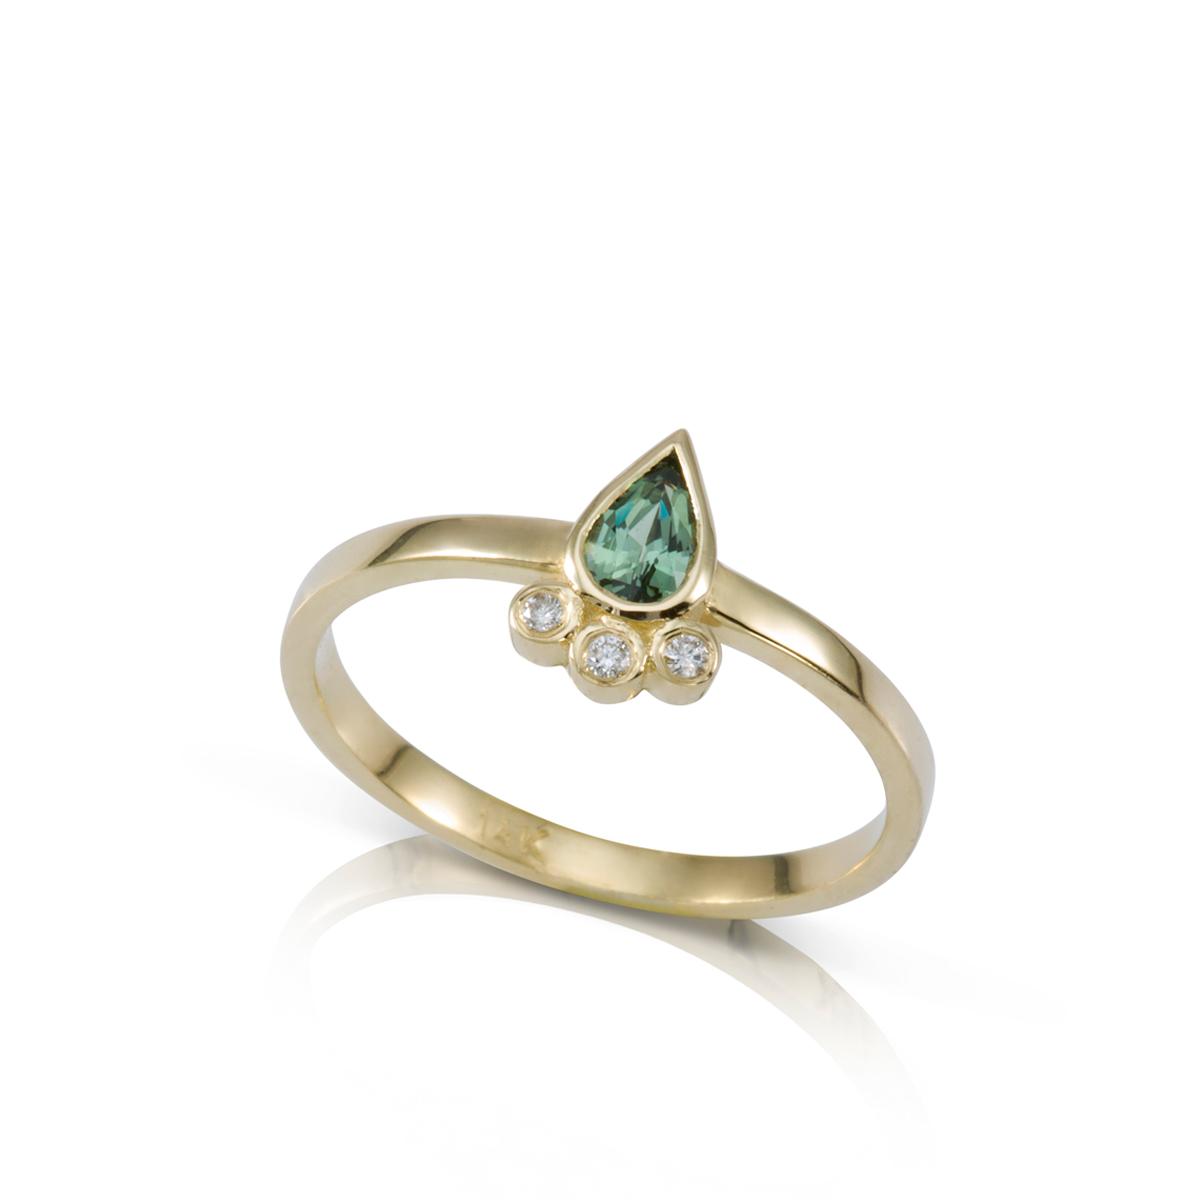 טבעת זהב משובצת ספיר ירוק בצורת טיפה ויהלומים